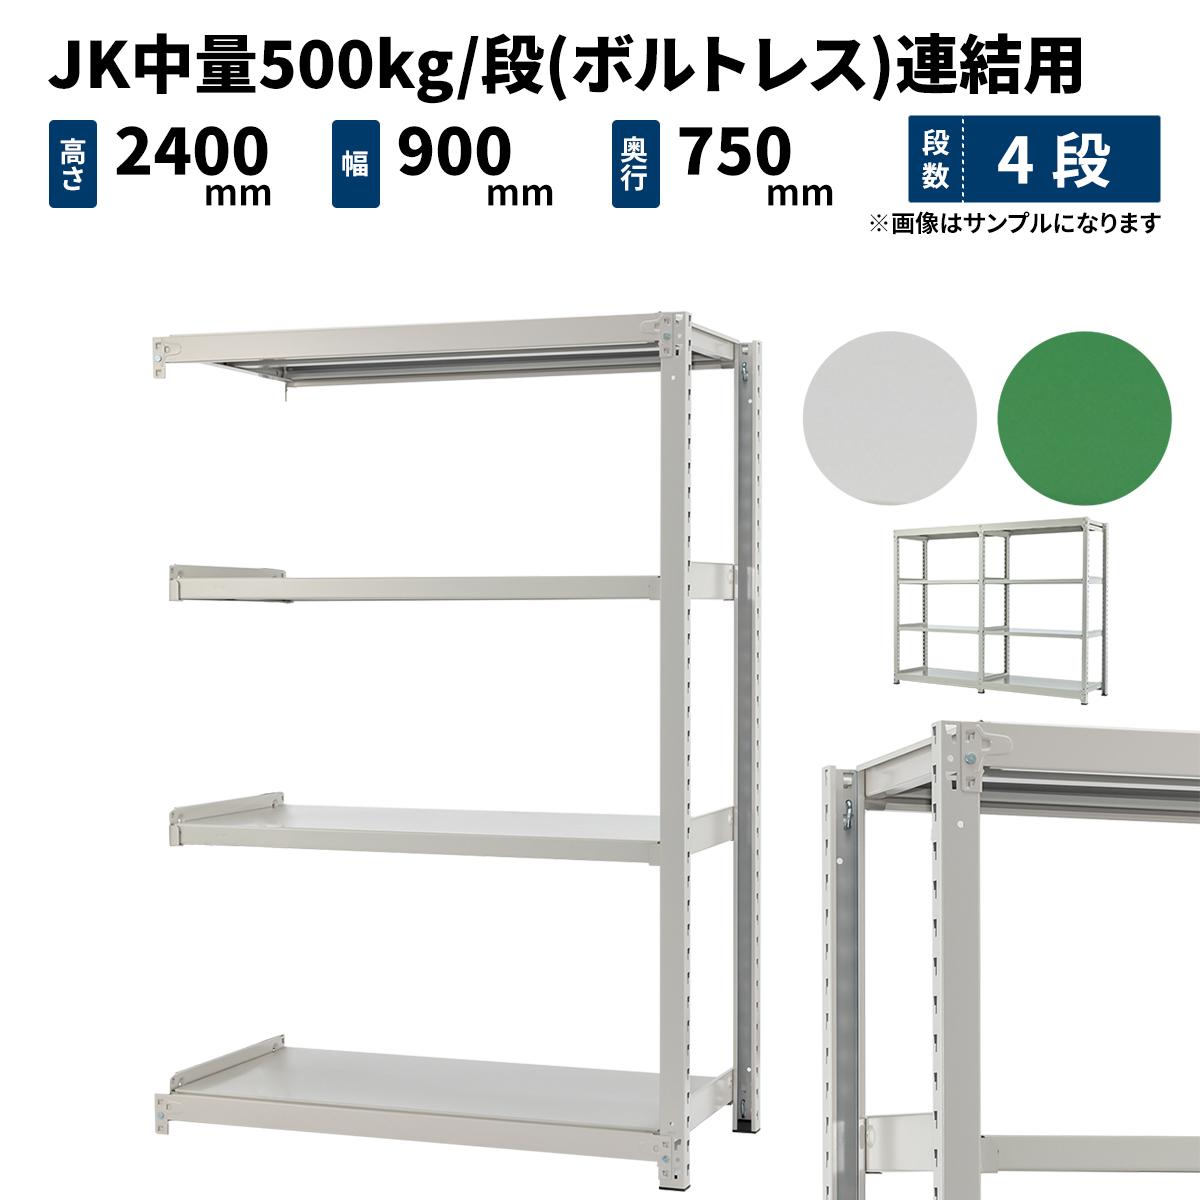 スチールラック 業務用 JK中量500kg/段(ボルトレス) 連結形式 高さ2400×幅900×奥行750mm 4段 ホワイトグレー/グリーン (67kg) JK500_R-240975-4